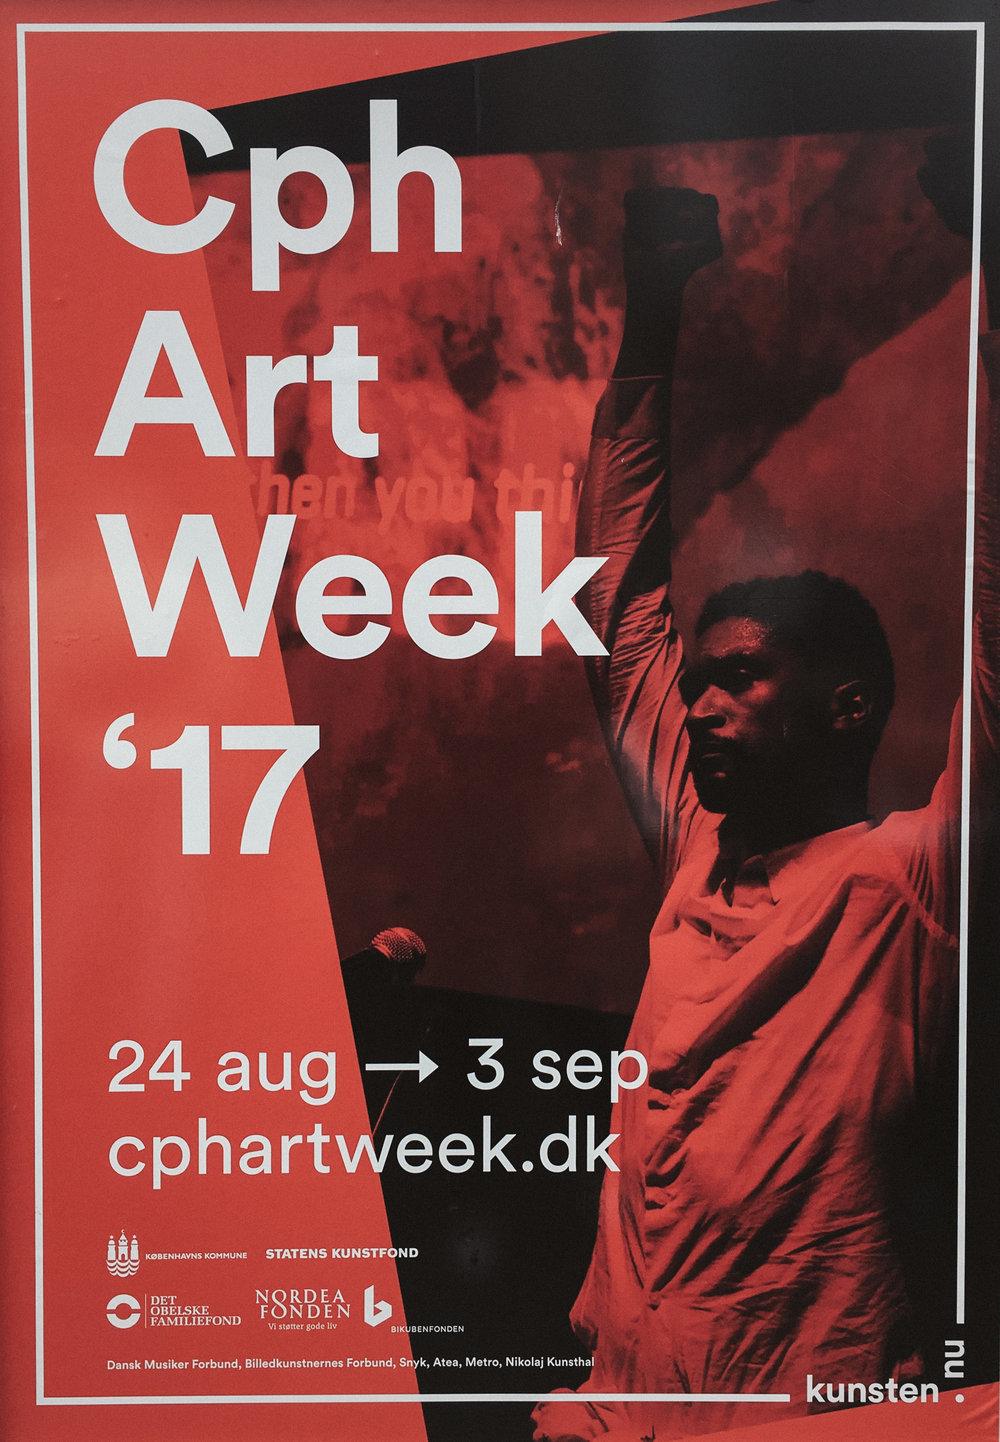 copenhagen artweek 2017